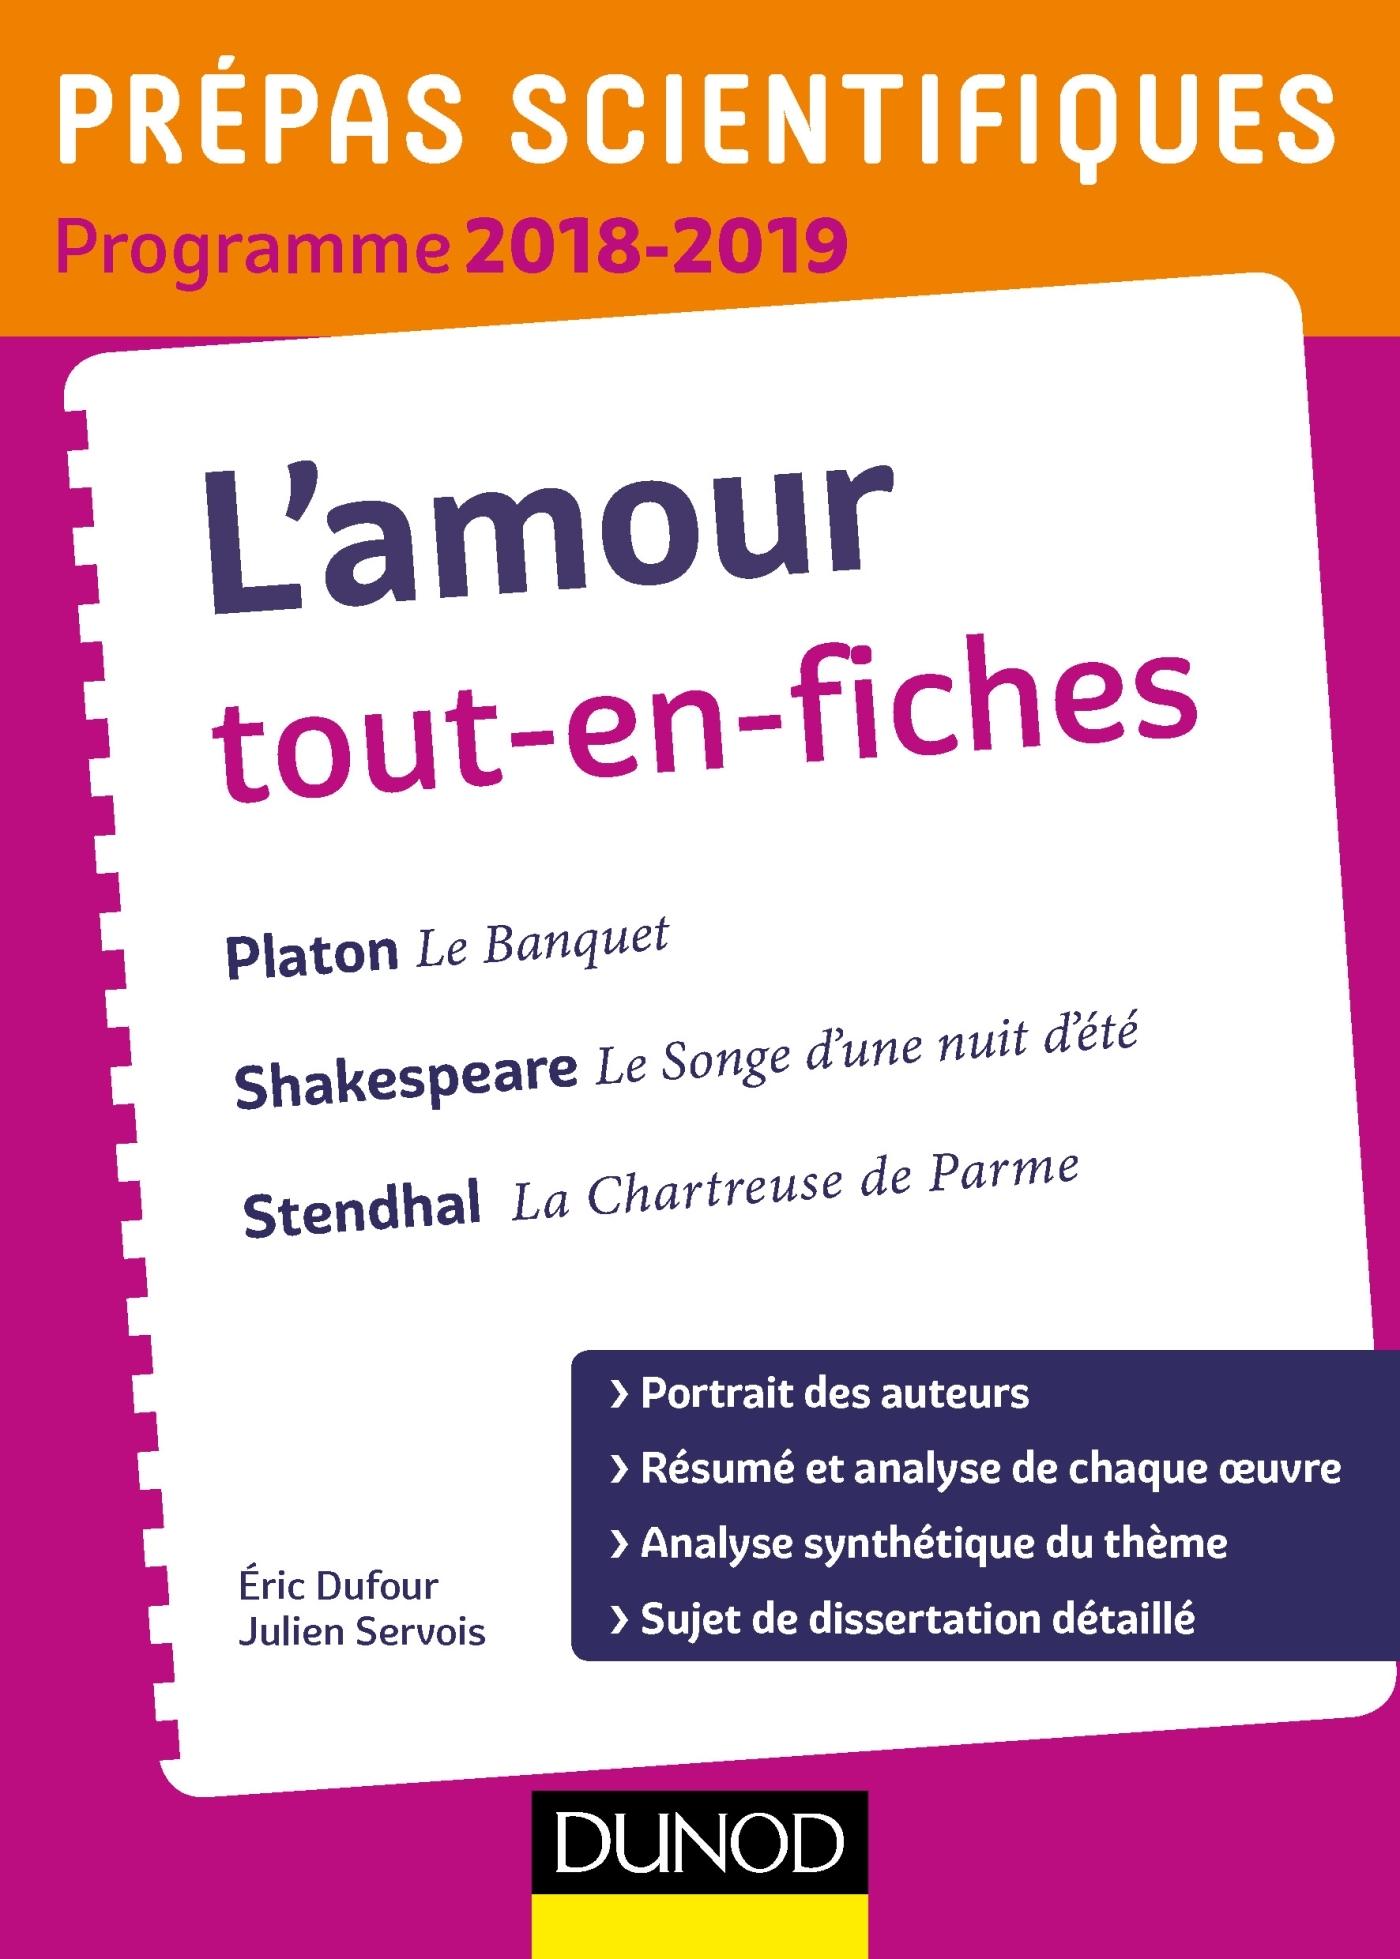 L'AMOUR TOUT-EN-FICHES - PREPAS SCIENTIFIQUES 2018-2019